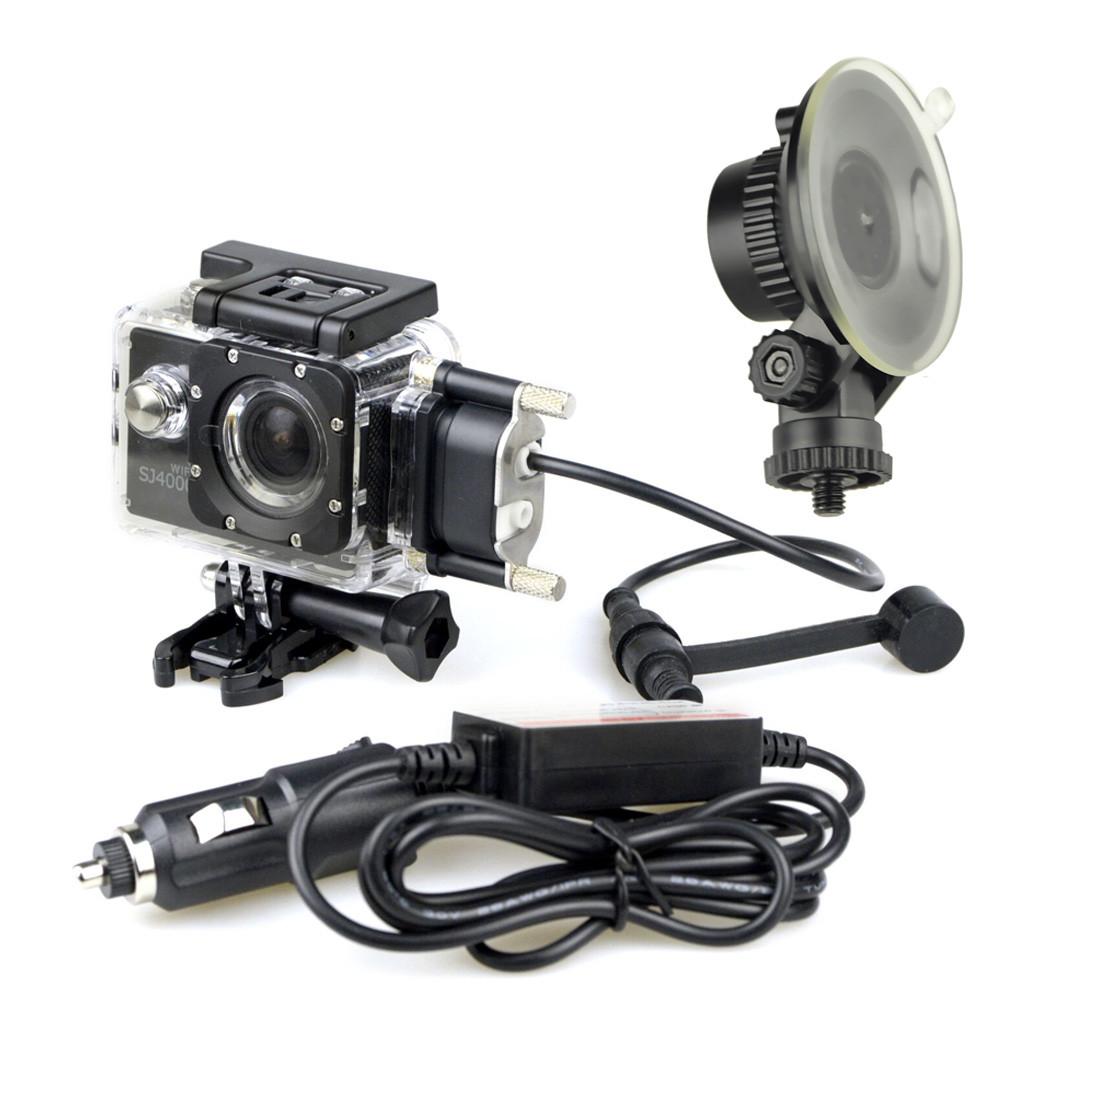 Автомобильный комплект (держатель и зарядка), SJCAM, SJ302, Для всех экшн-камер SJCAM, кроме SJ6 Legend и SJ7 Star и SJ360